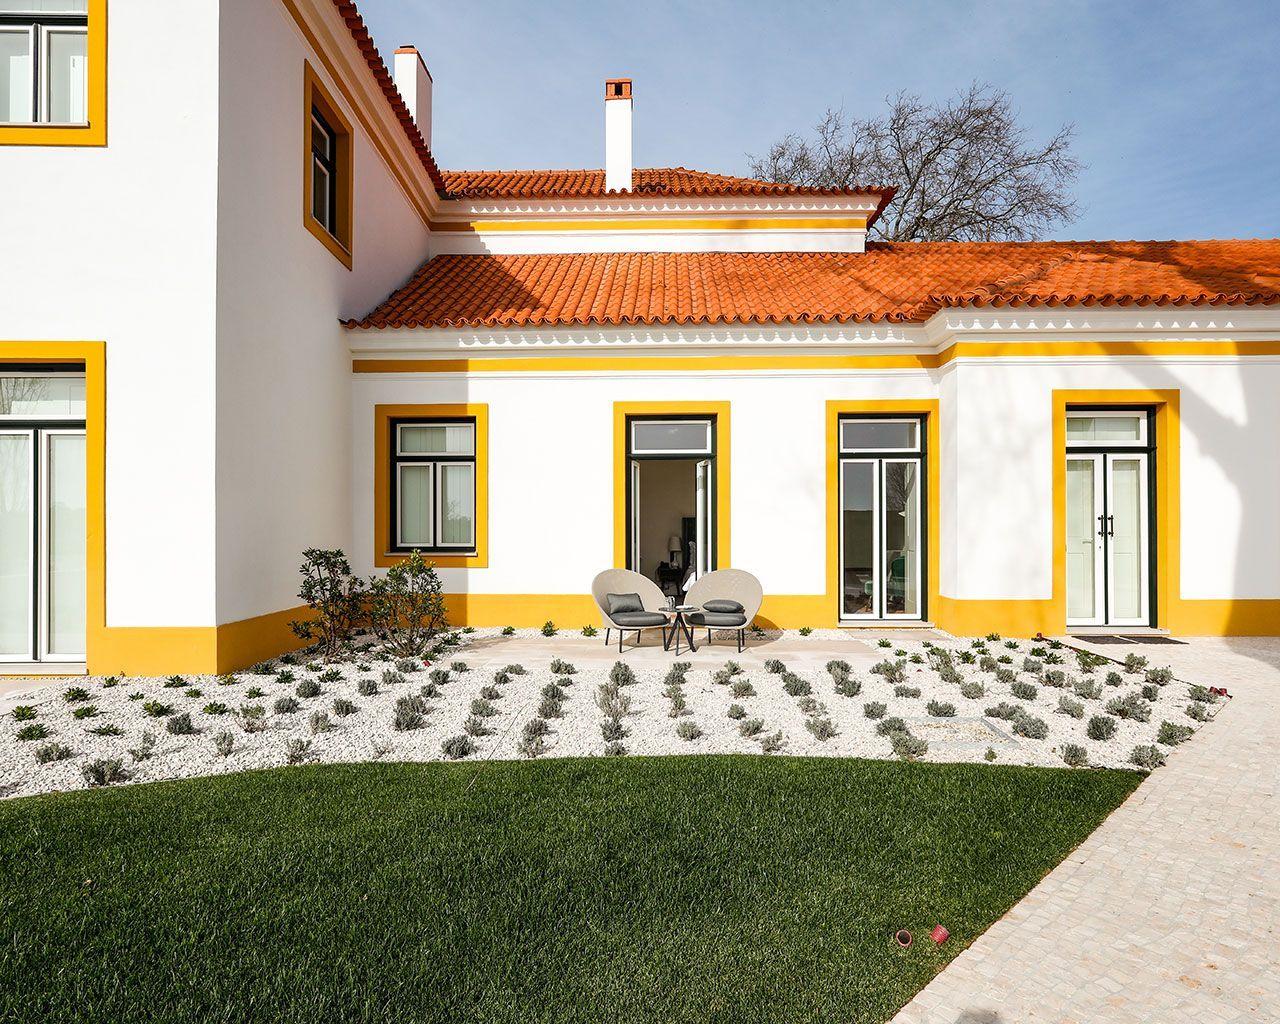 Área Exterior - Palácio dos Pintores